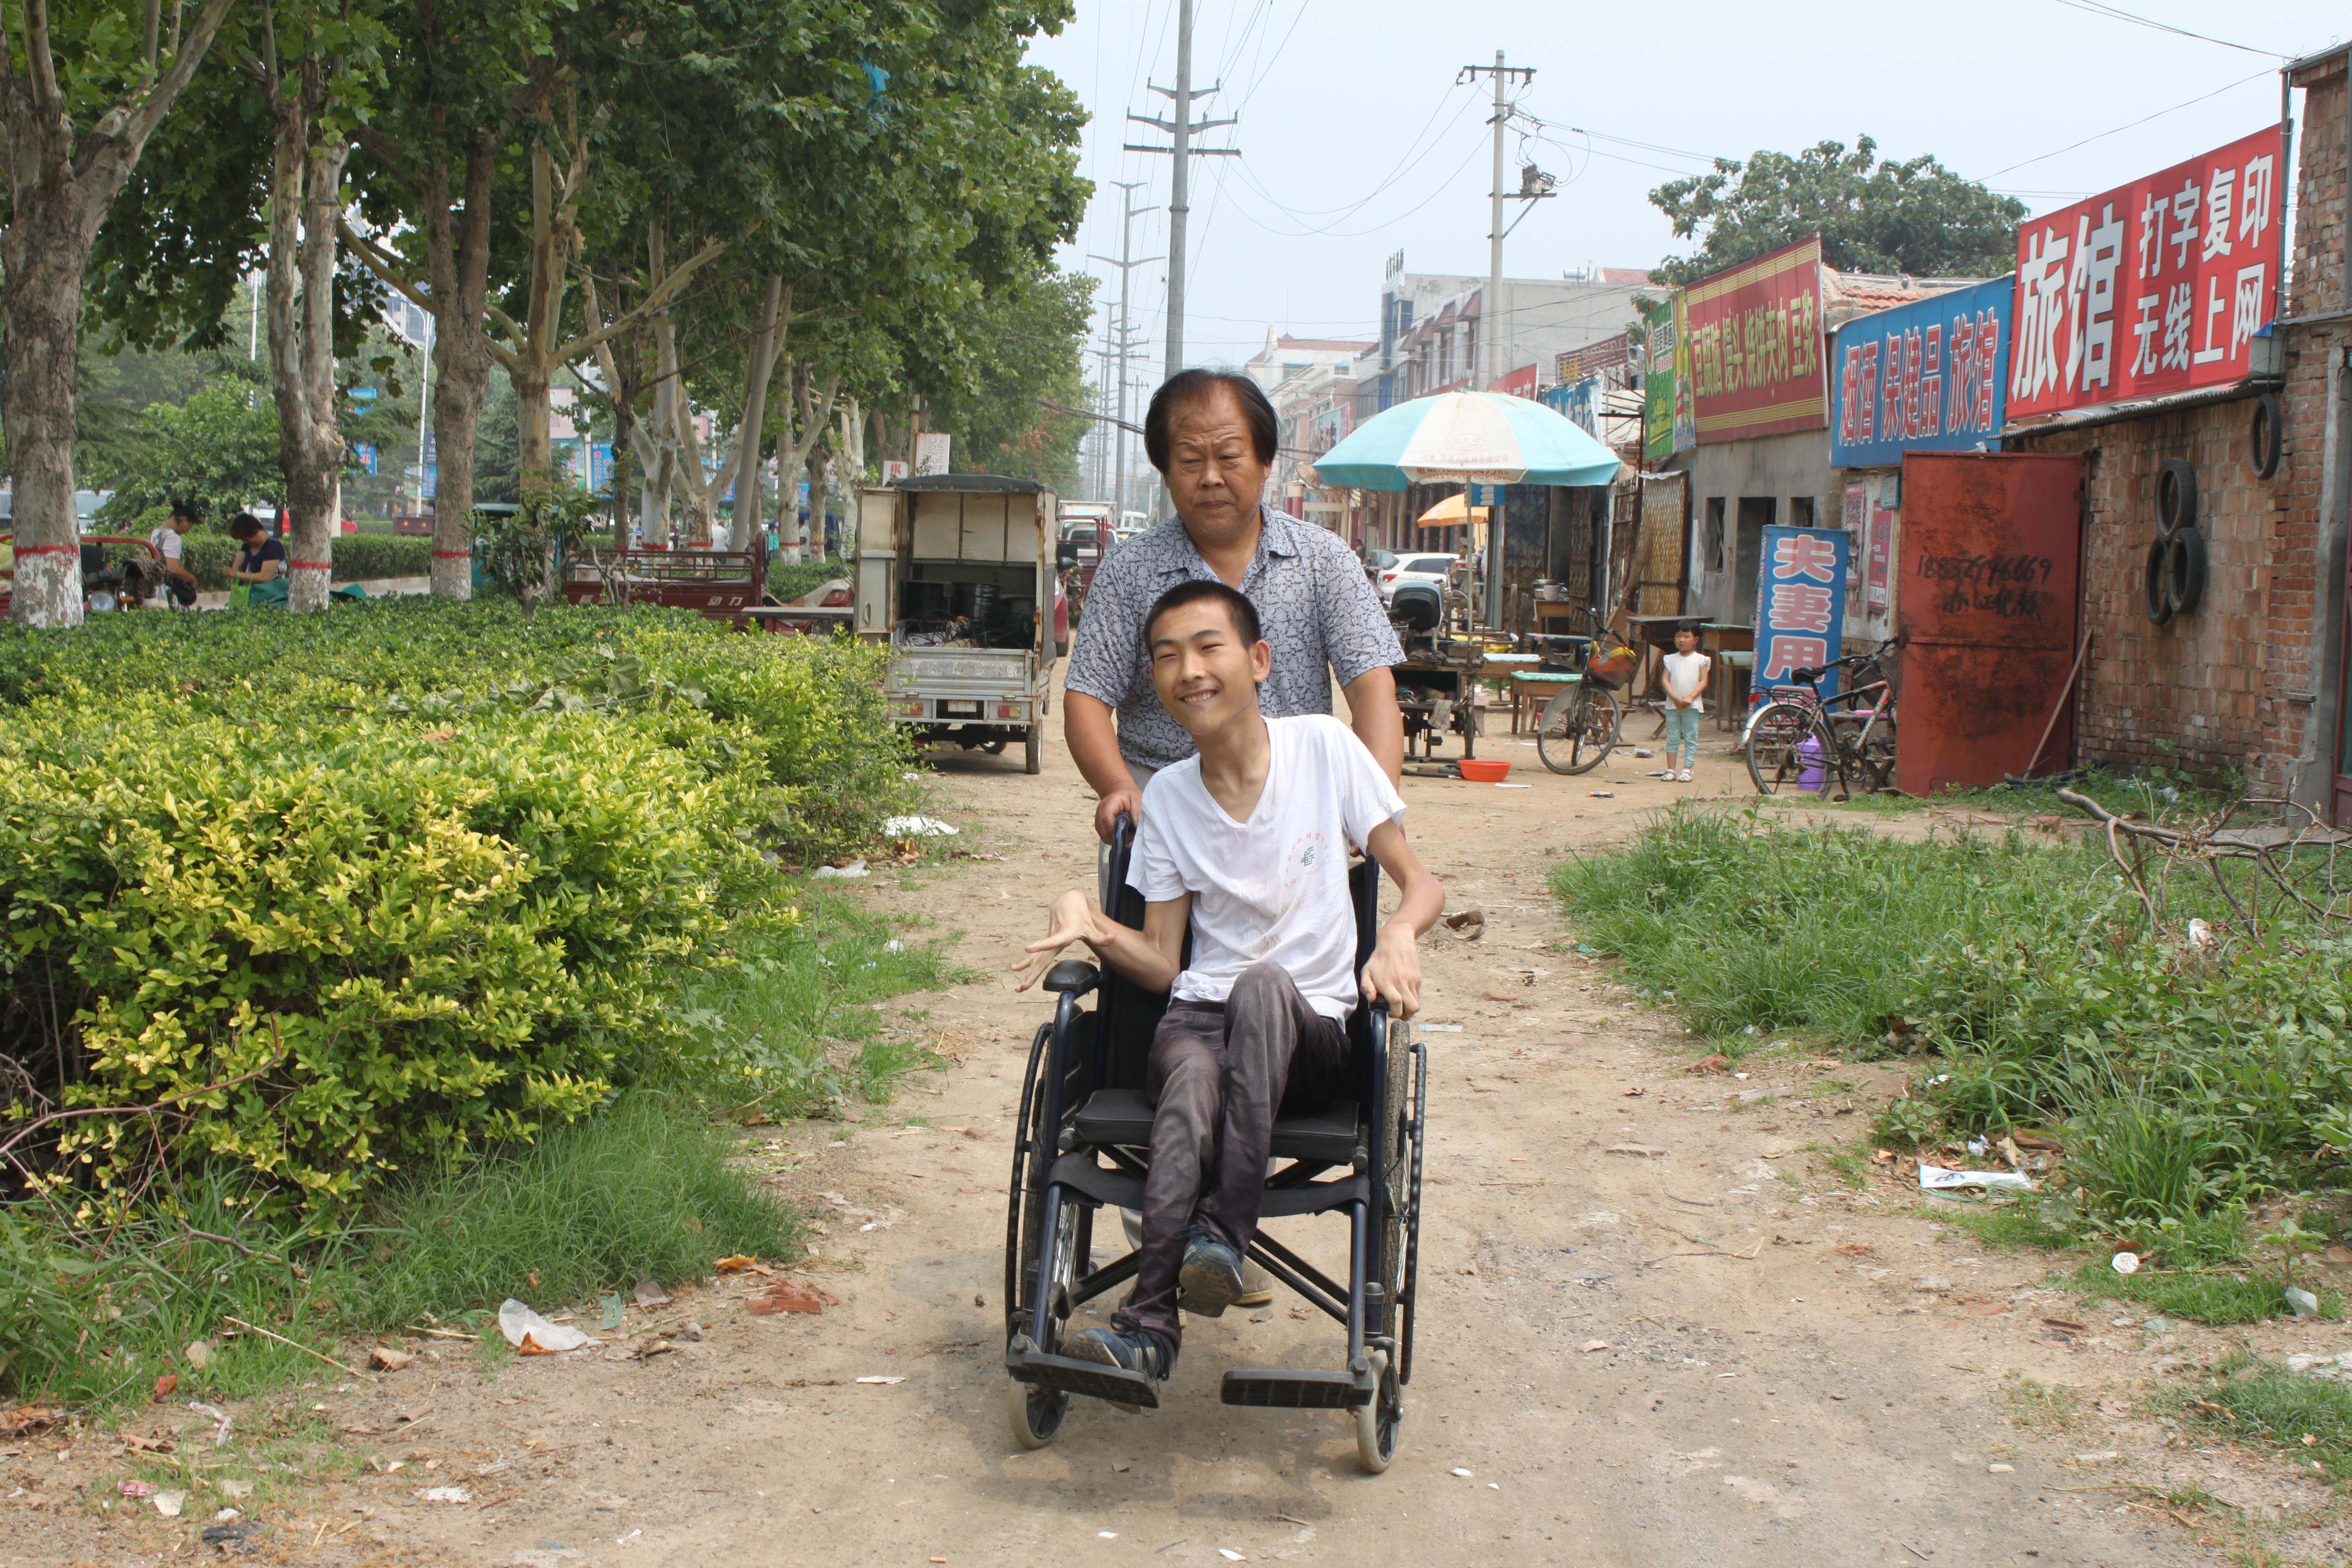 榜样力量|张玉灿:开杂货店修自行车,义务养育被弃脑瘫患儿23年